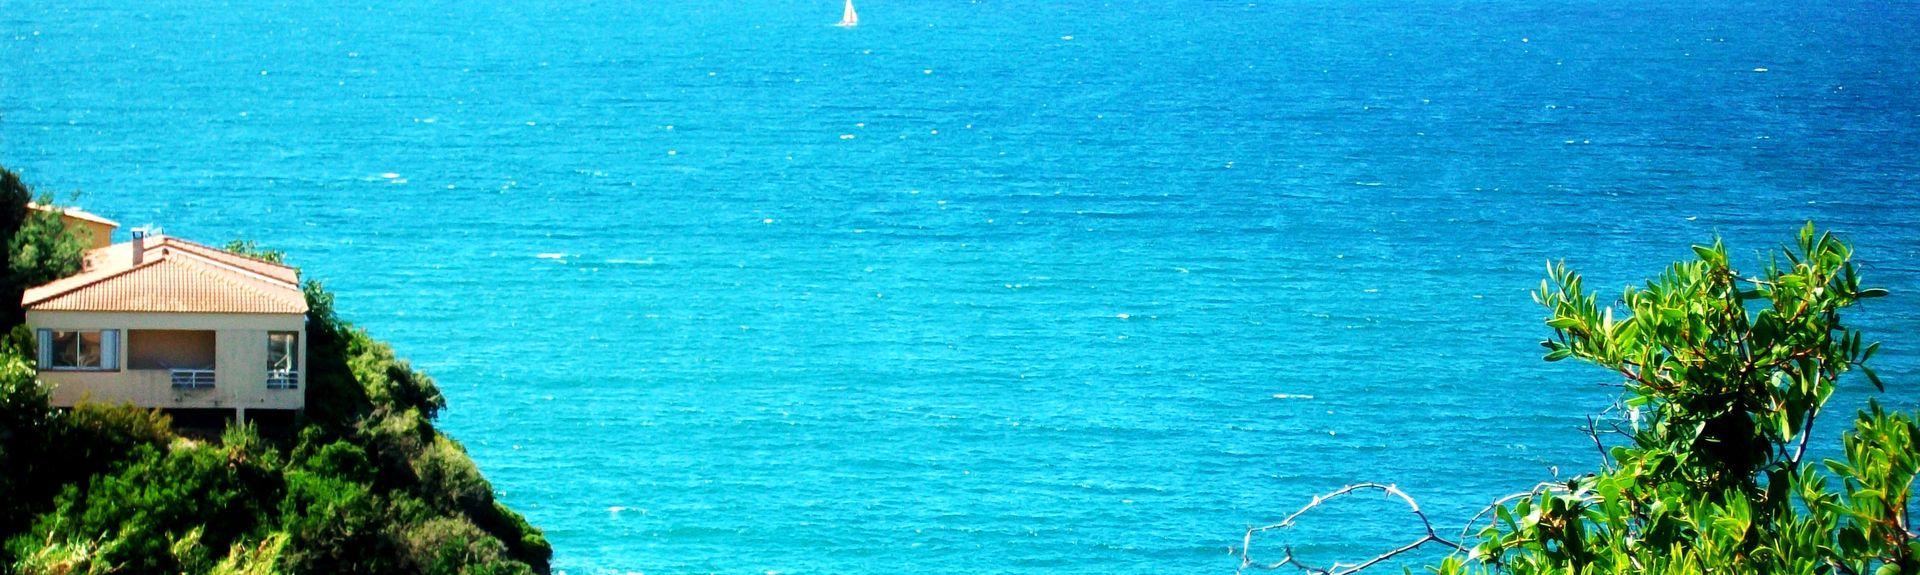 Moca-Croce, Korsika, Ranska